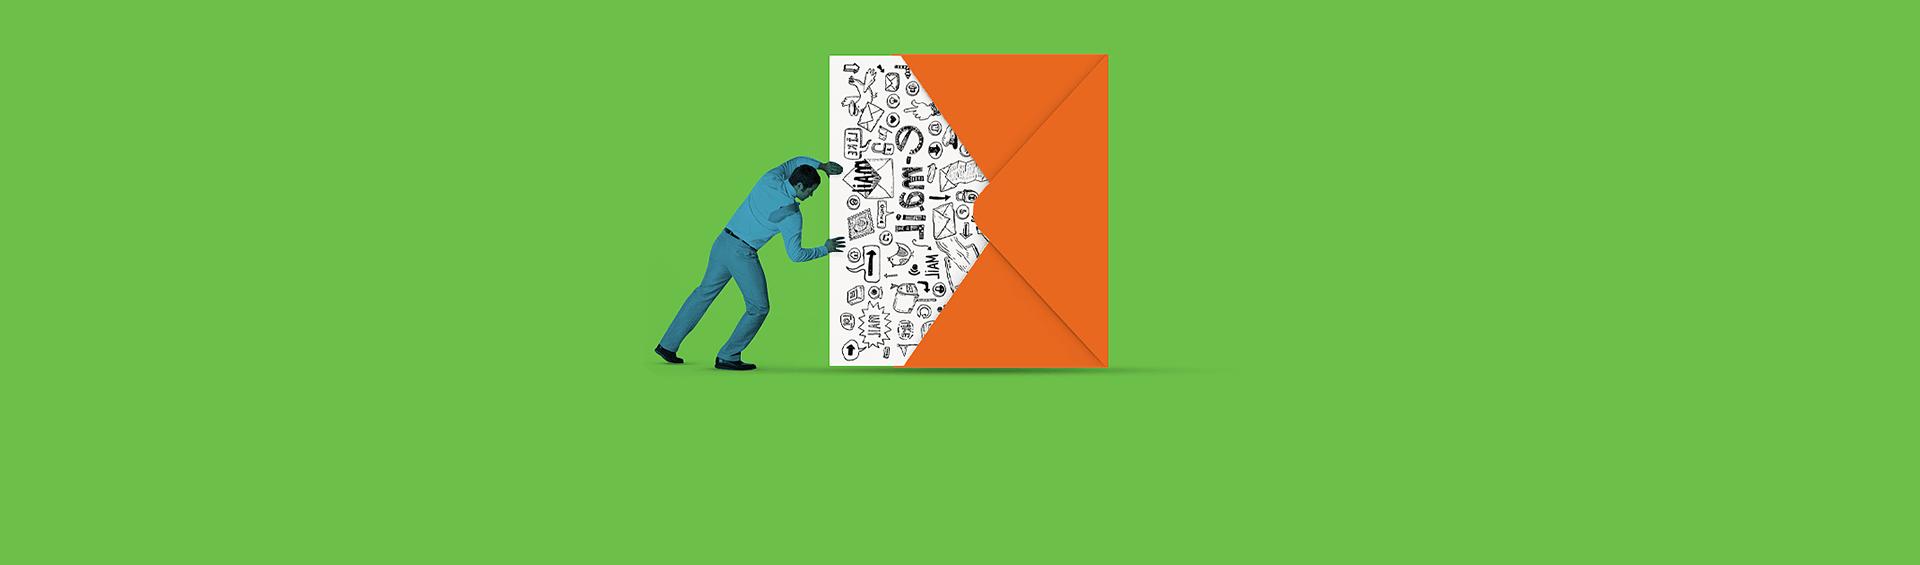 Вместо 1000 слов: как сделать крутую инфографику длярассылки бездизайнера